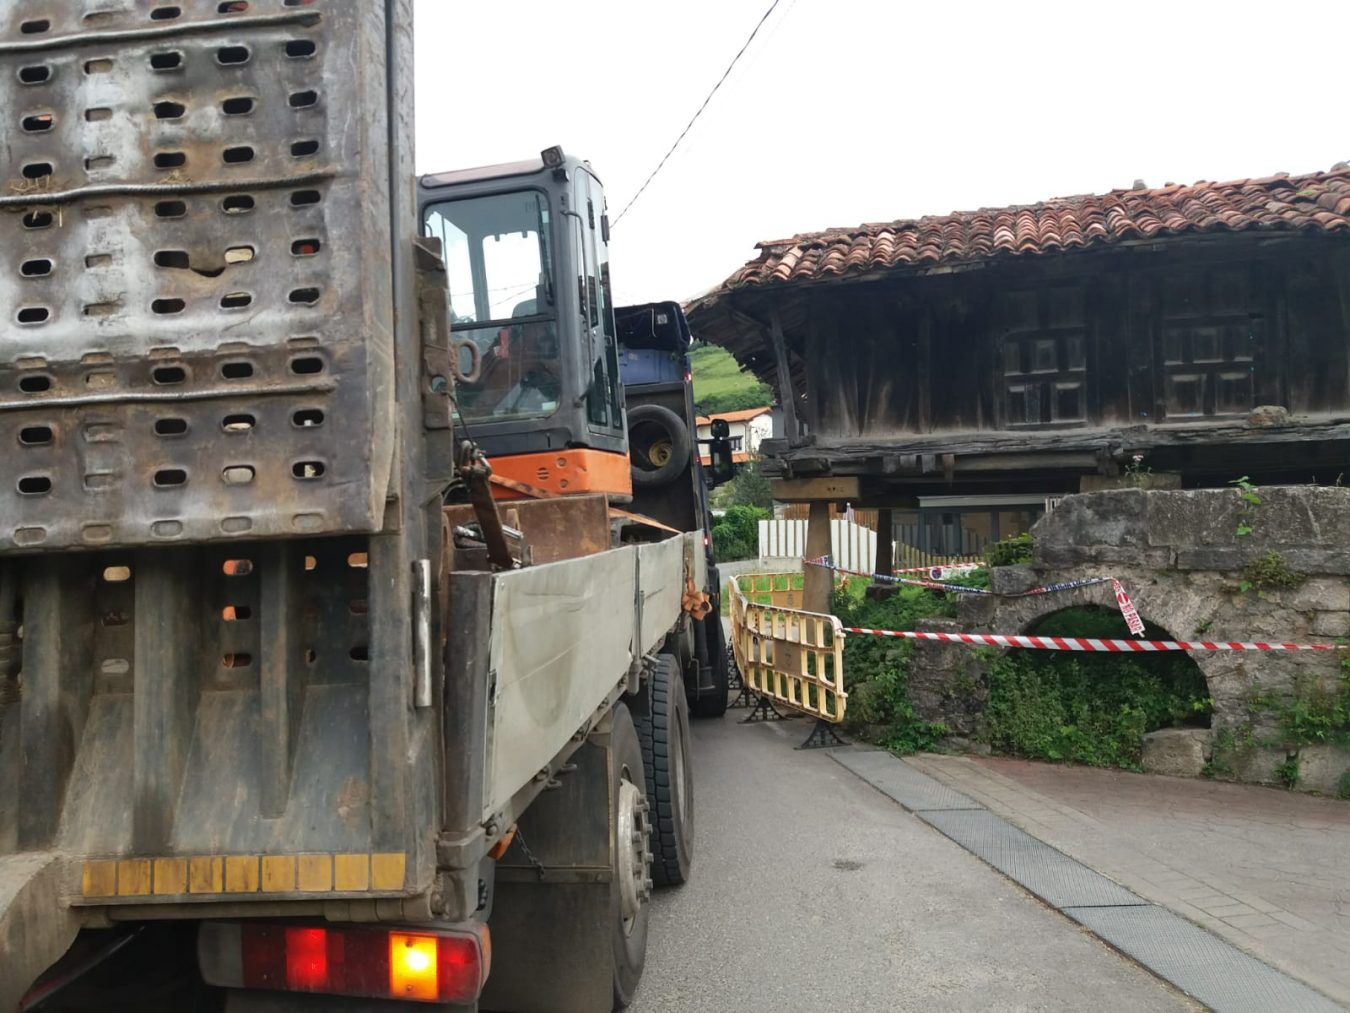 Un camión de grandes dimensiones daña el alero del histórico hórreo de Vega (Ribadesella)